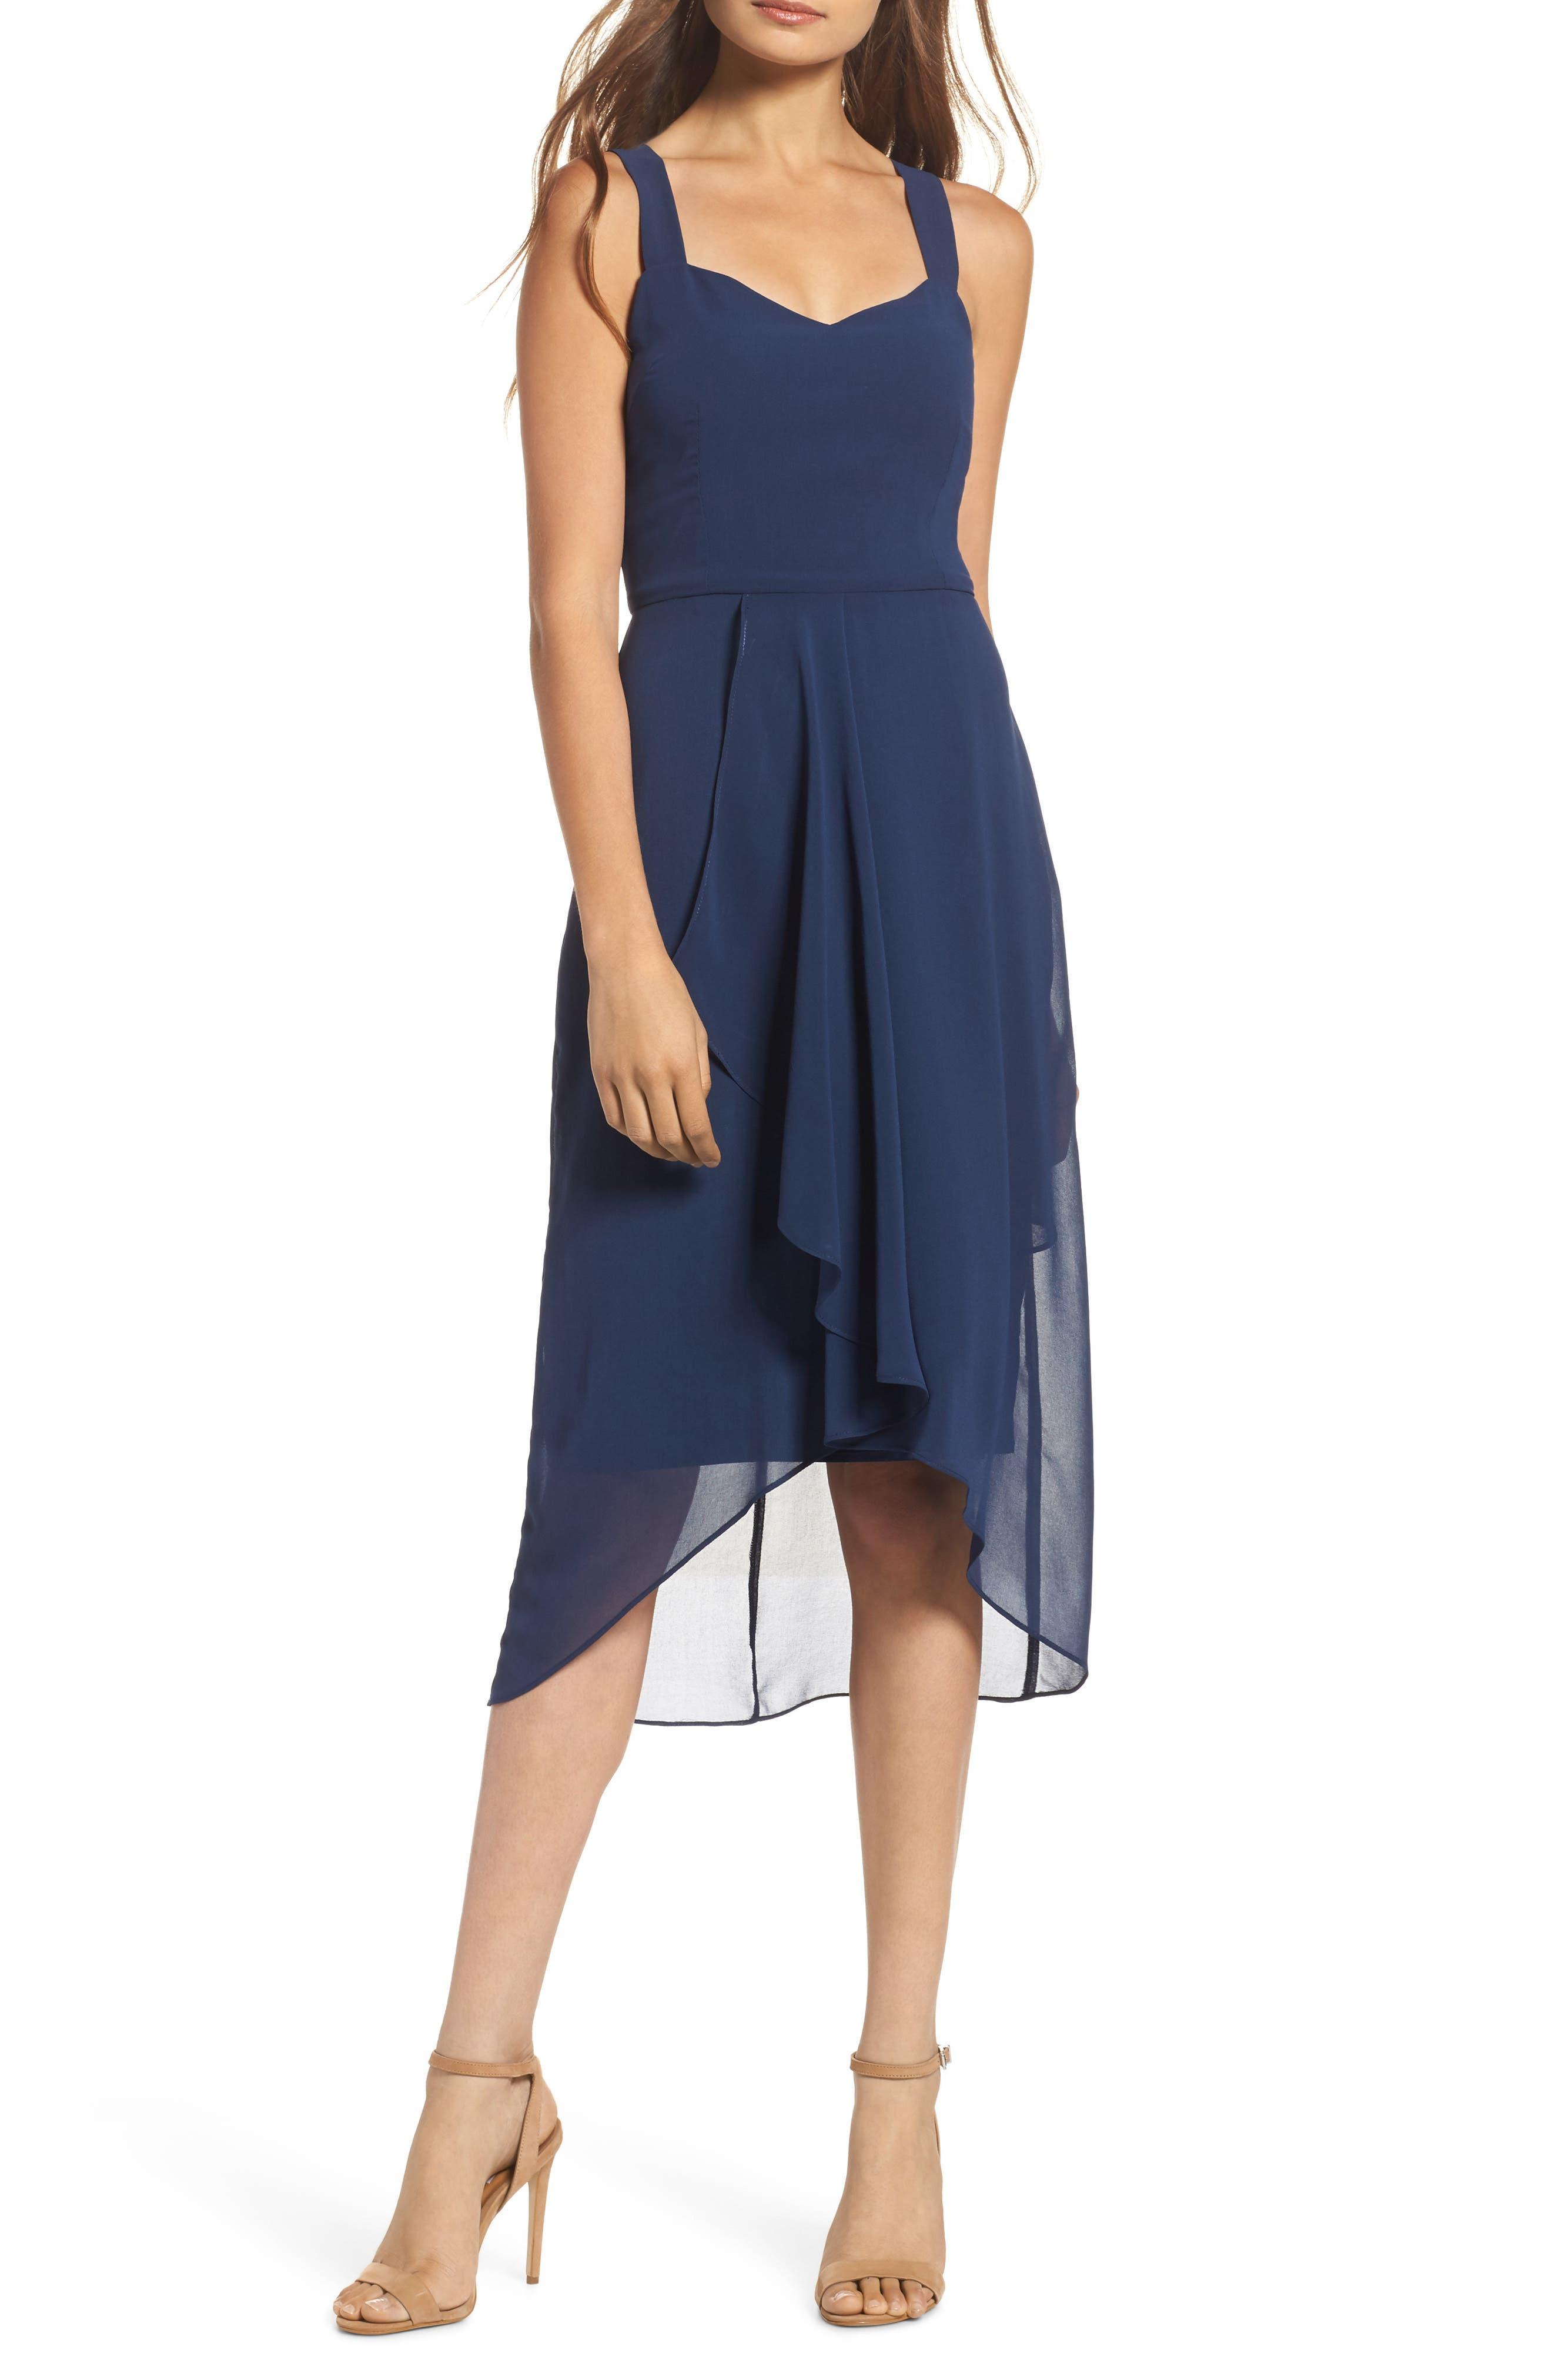 Utopia Midi Dress,                         Main,                         color, 435